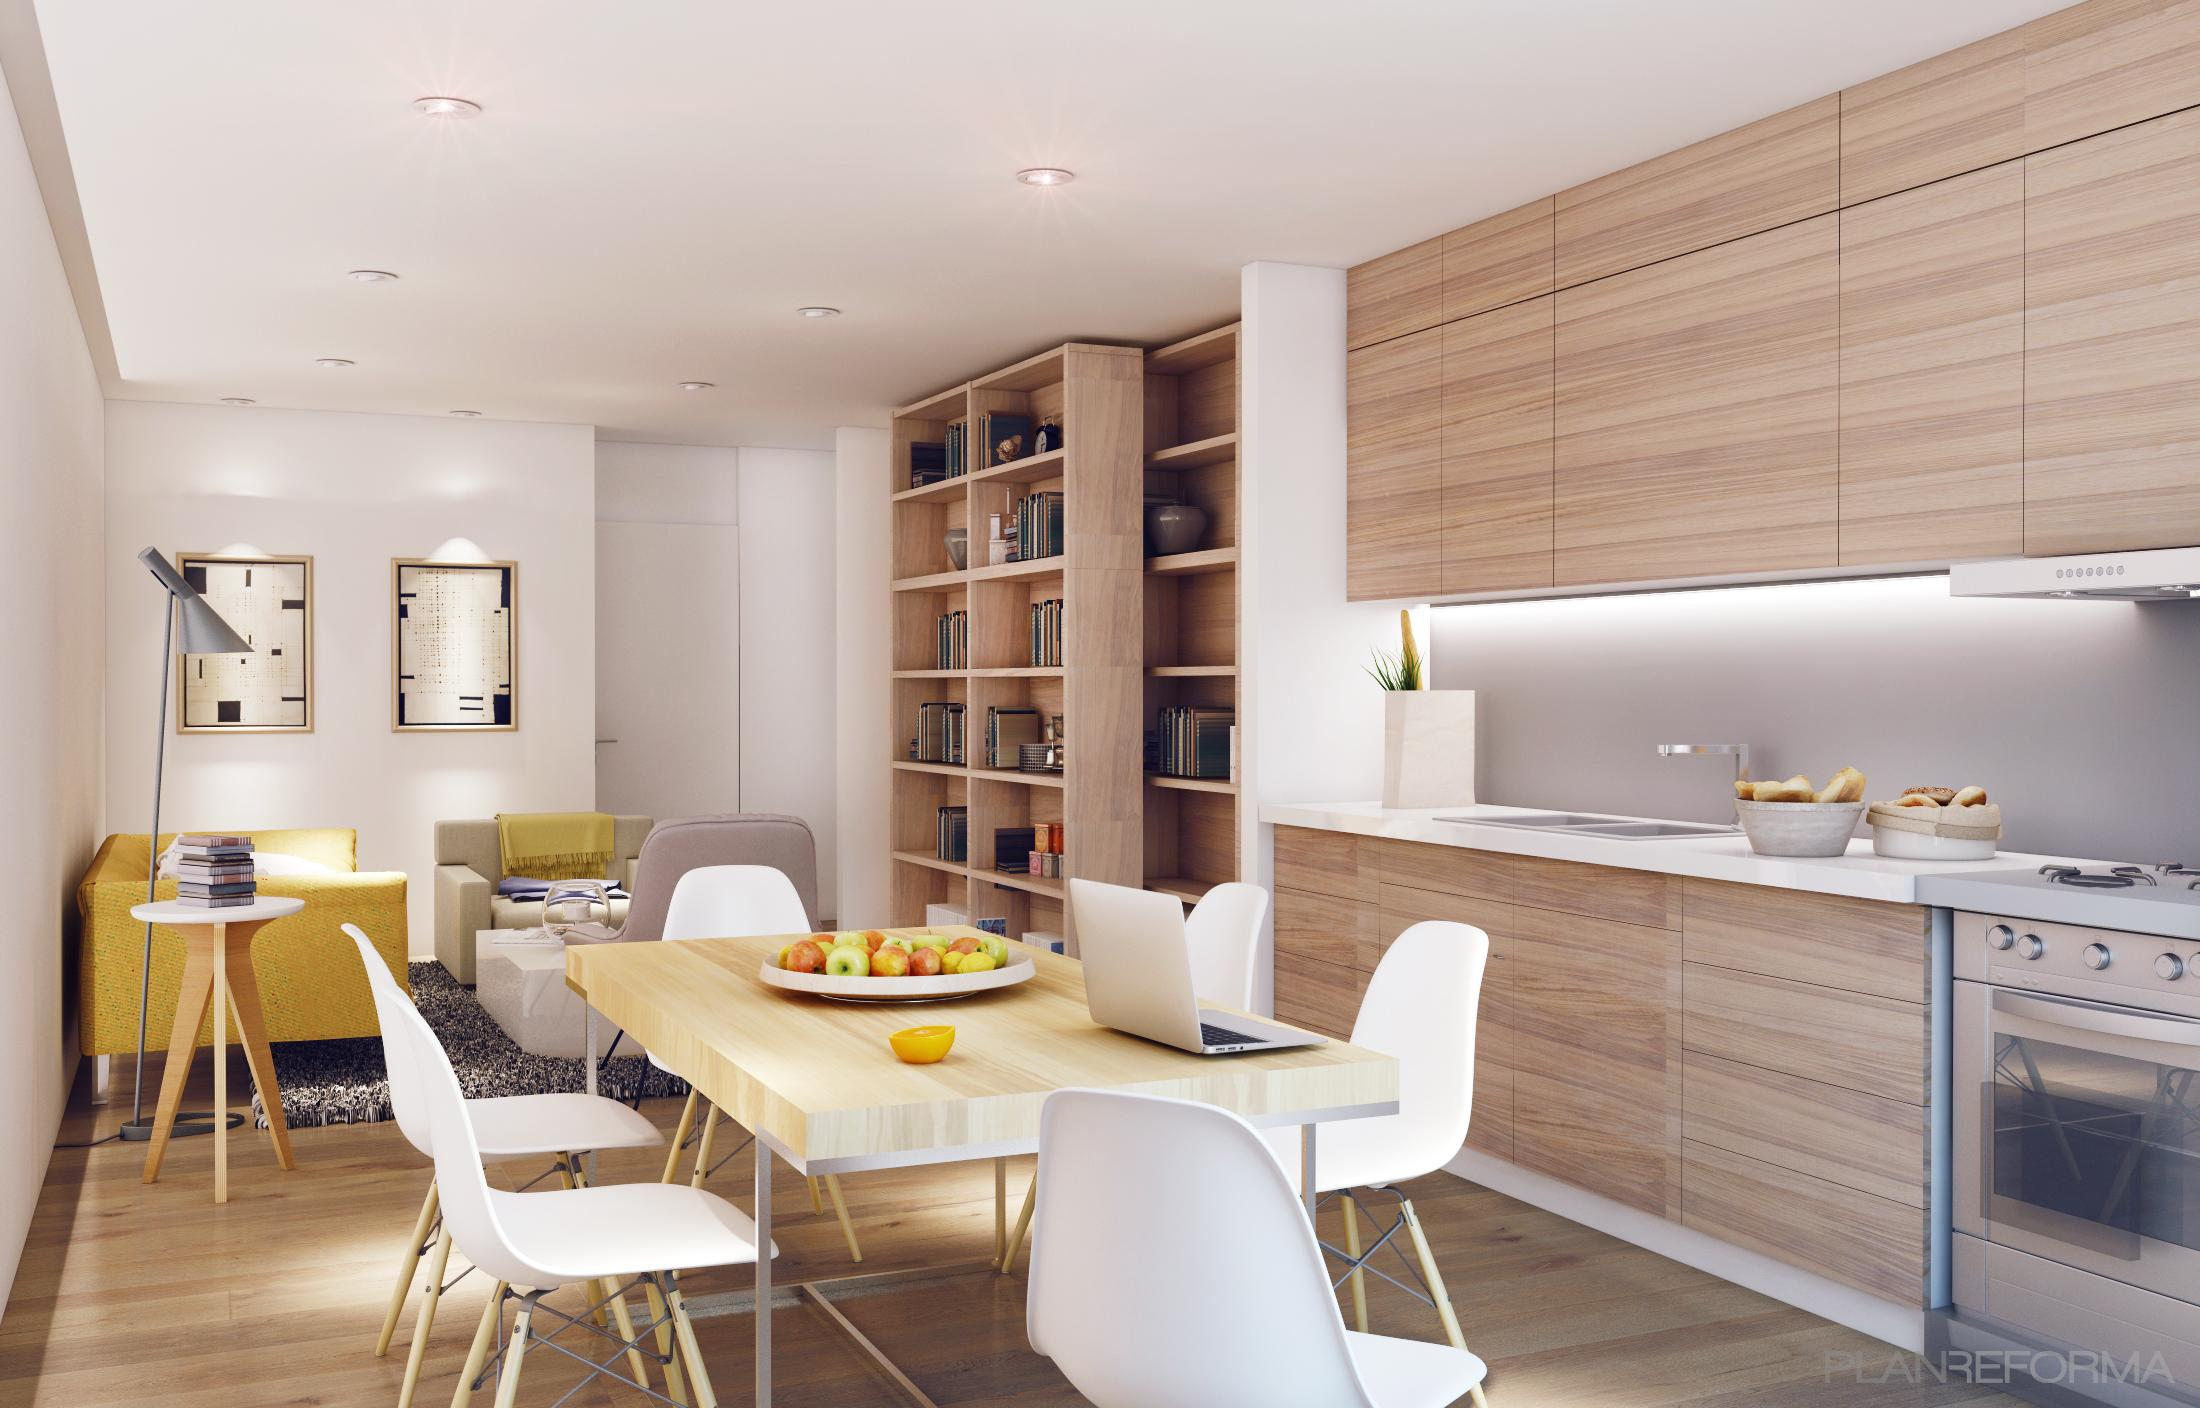 Comedor, Cocina, Salon style moderno color amarillo, marron, blanco ...